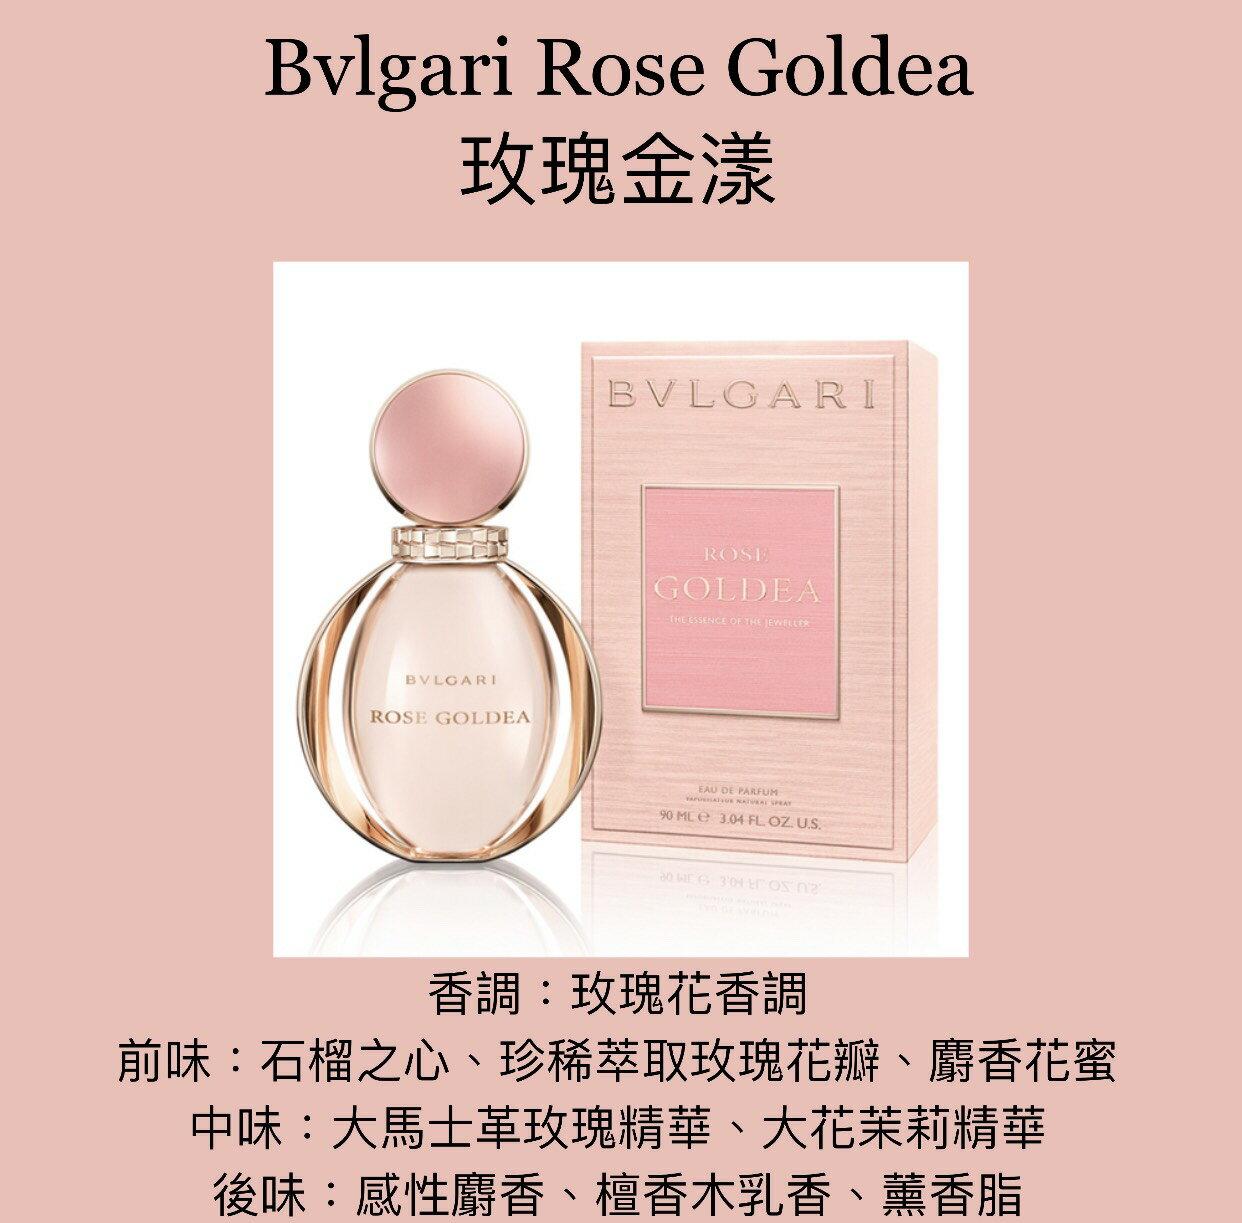 【香舍】Bvlgari Rose Goldea 寶格麗 玫瑰金漾 女性淡香精 50ML/90ML